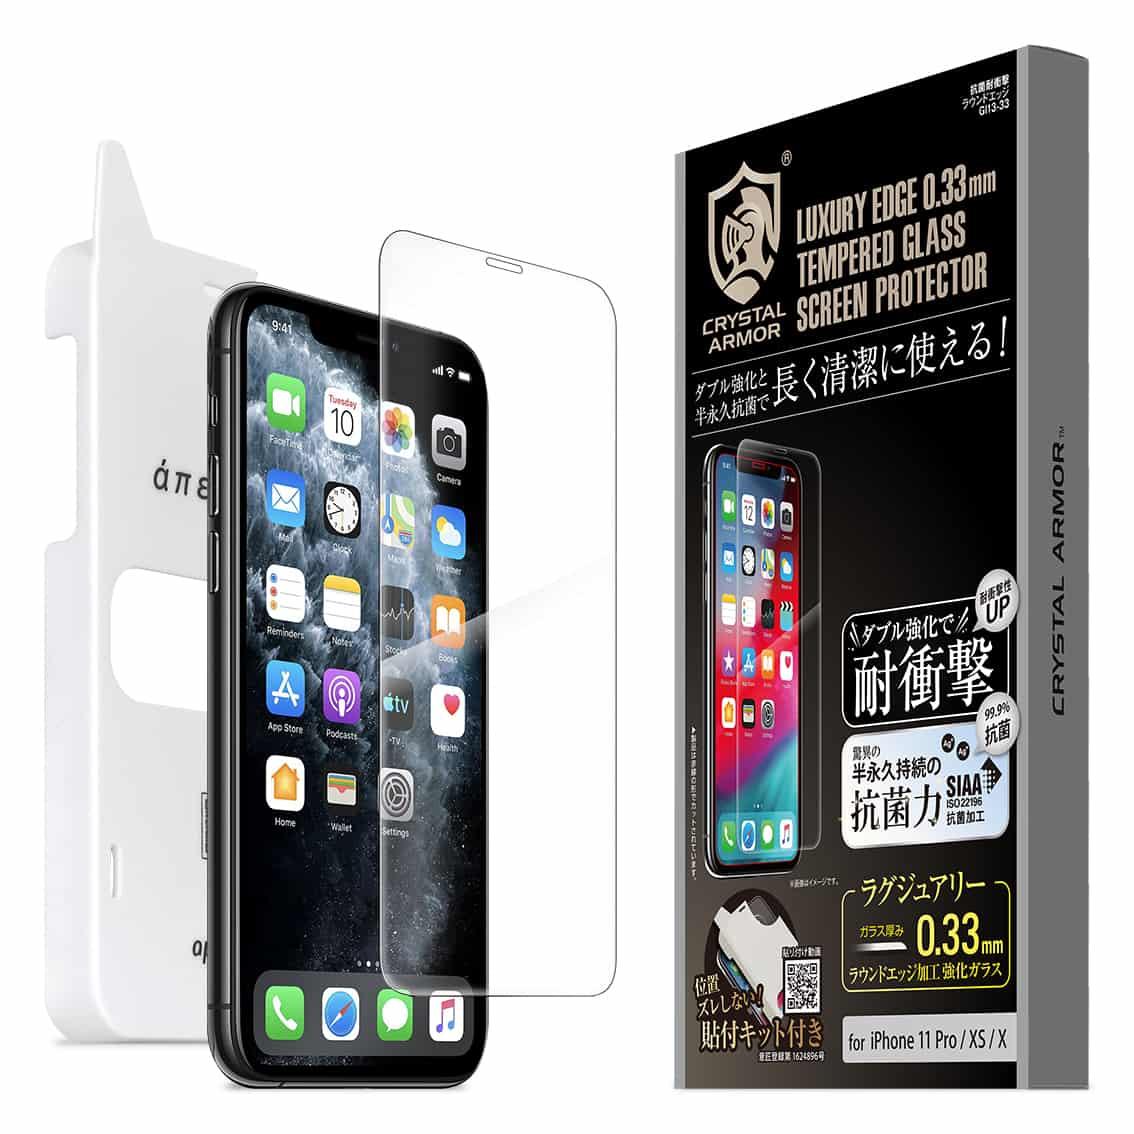 iPhone 11Pro / XS / X 強化ガラス 液晶保護 抗菌 耐衝撃 0.33mm